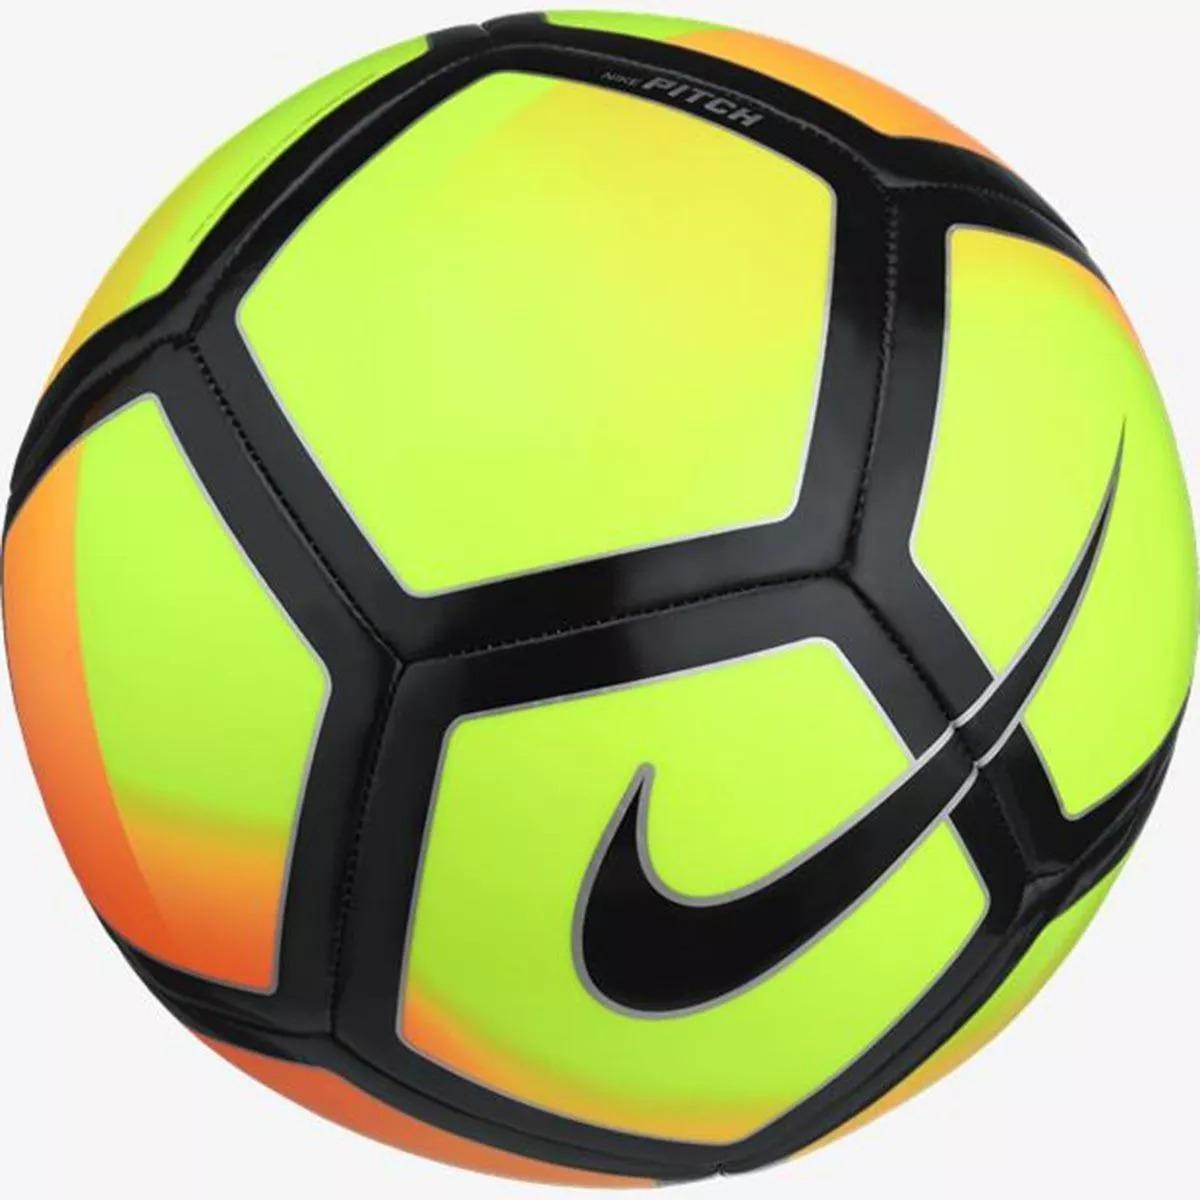 Bola Nike Futebol De Campo Pitch Original Com Nf - R  129 f1a2da6396713